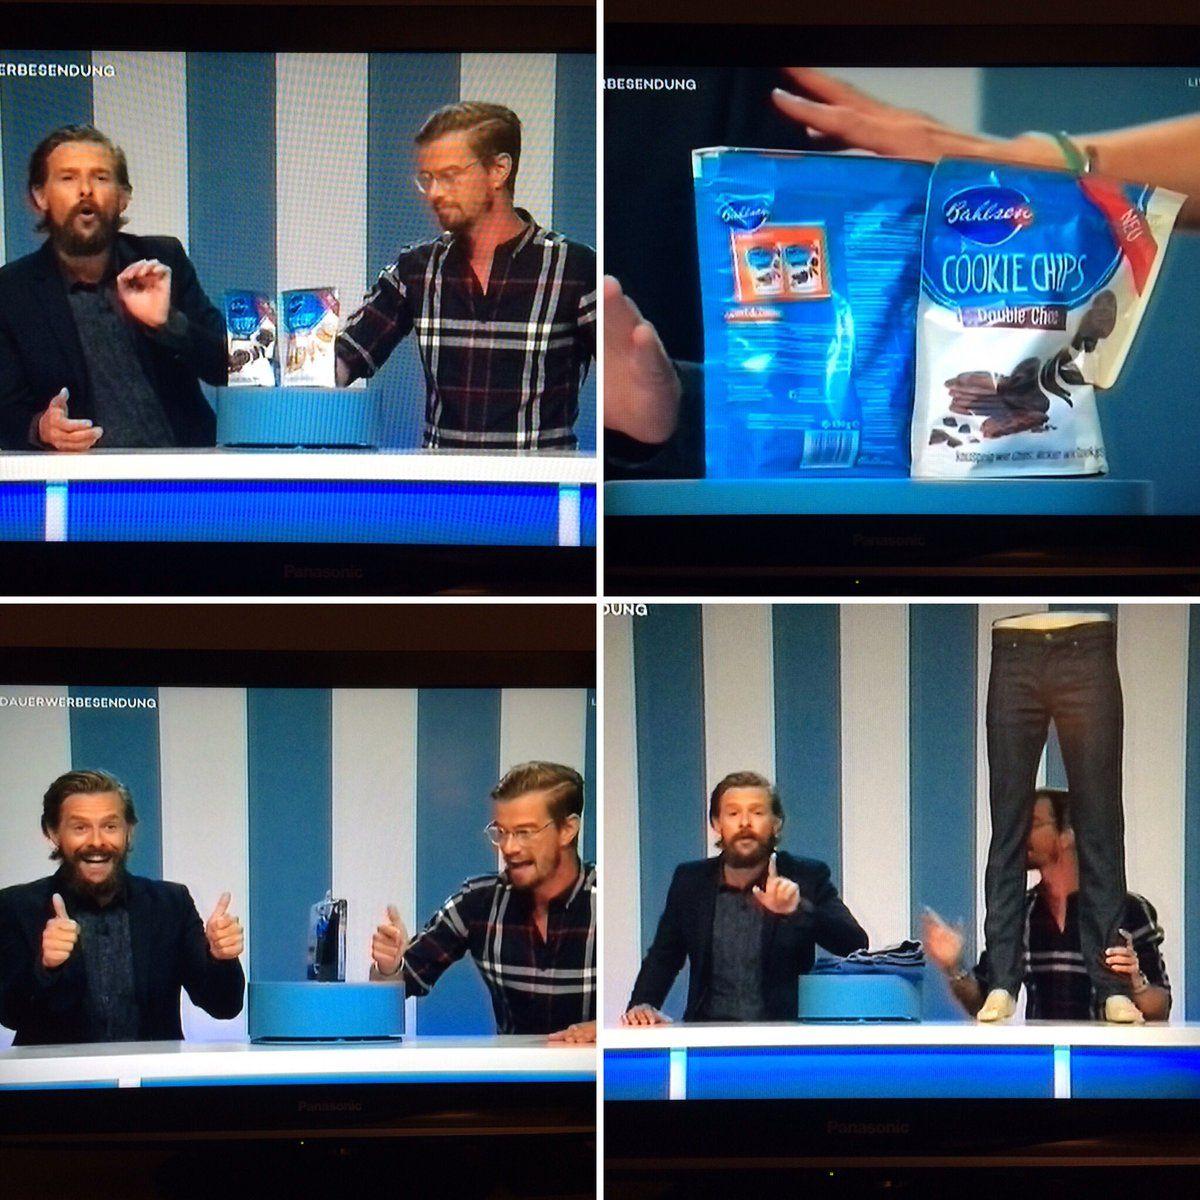 Comeback Circus Halligalli Mit Joko Und Klaas Kommt Wirklich Zuruck Ins Tv Joko Und Klaas Klaas Heufer Umlauf Joko Winterscheidt